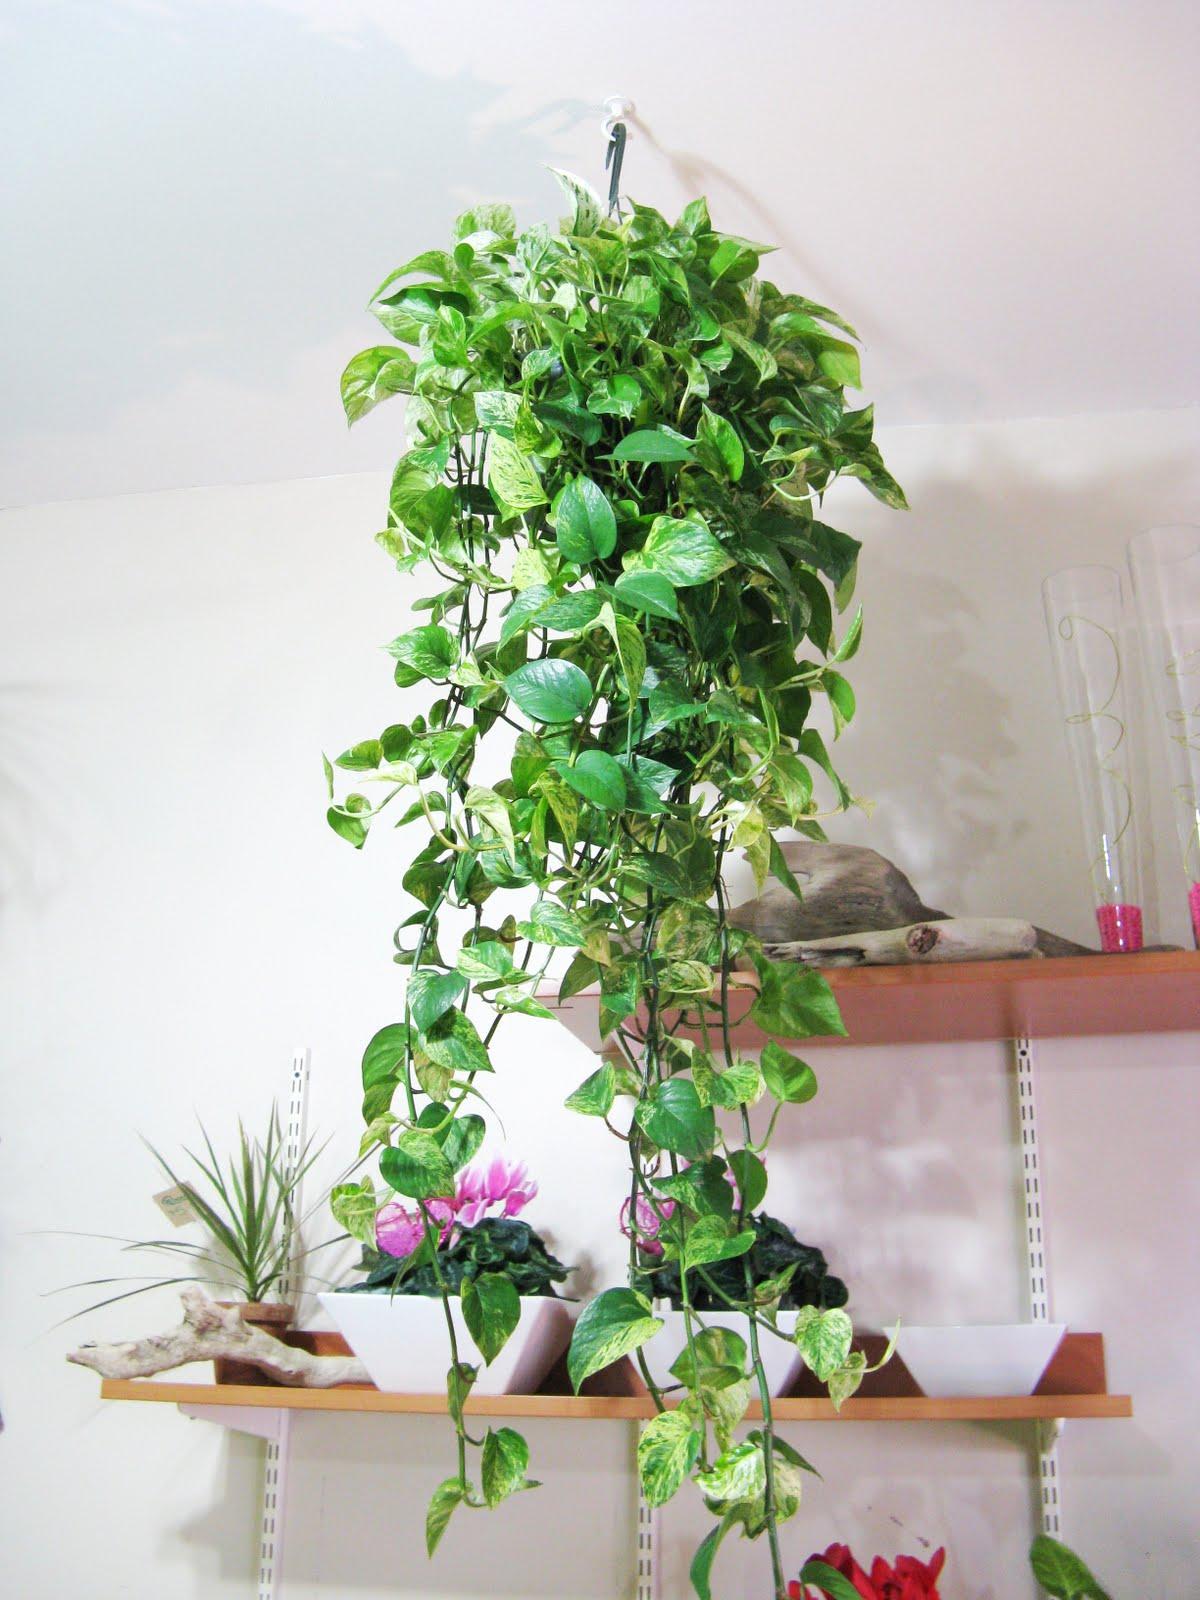 Flowering Indoor Hanging Plants